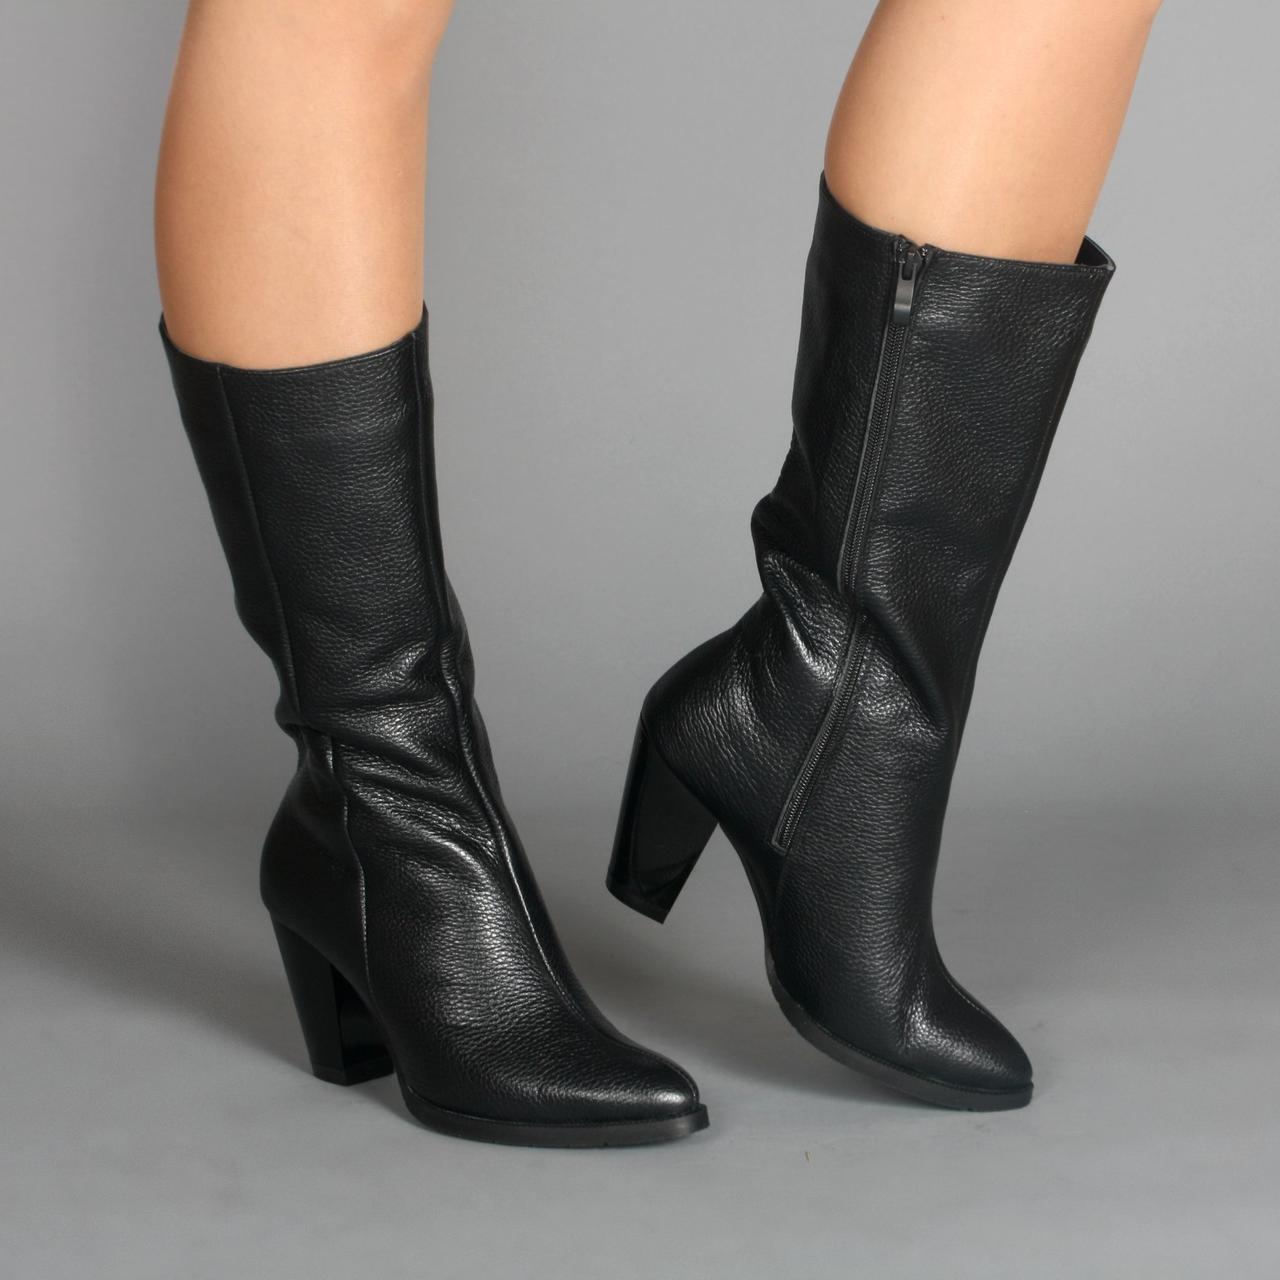 Сапоги невысокие женские на каблуке.Натуральная кожа. Зима, деми.